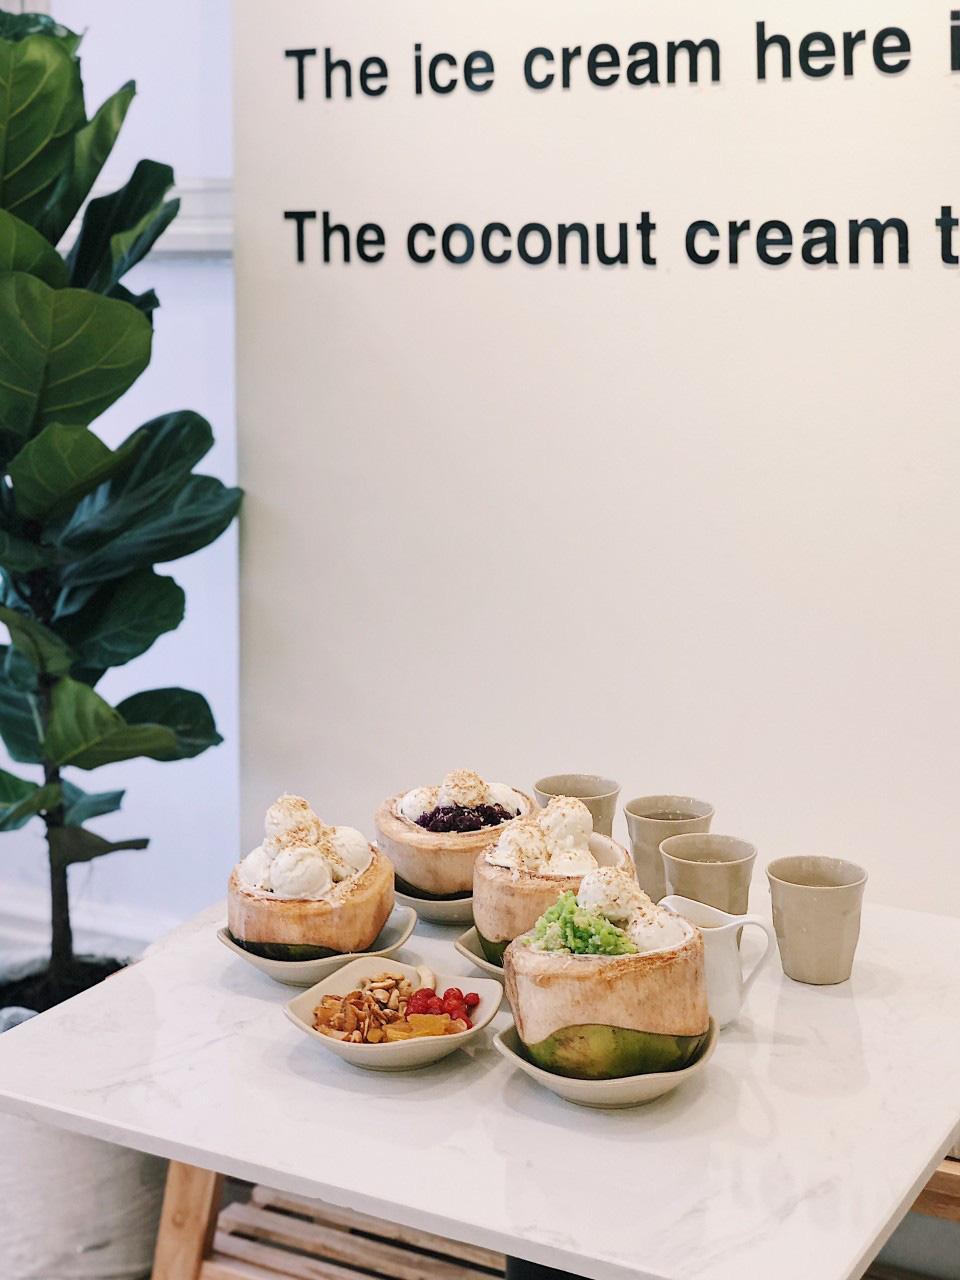 Xuất hiện kem dừa trân châu cốt dừa tạo trend rần rần đầu năm 2021 - Ảnh 3.